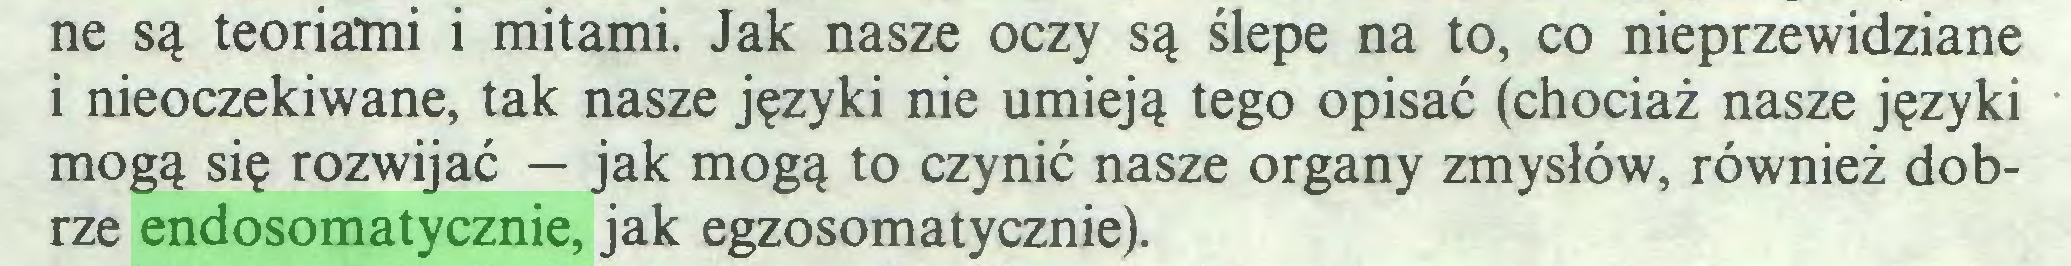 (...) ne są teoriami i mitami. Jak nasze oczy są ślepe na to, co nieprzewidziane i nieoczekiwane, tak nasze języki nie umieją tego opisać (chociaż nasze języki mogą się rozwijać — jak mogą to czynić nasze organy zmysłów, również dobrze endosomatycznie, jak egzosomatycznie)...